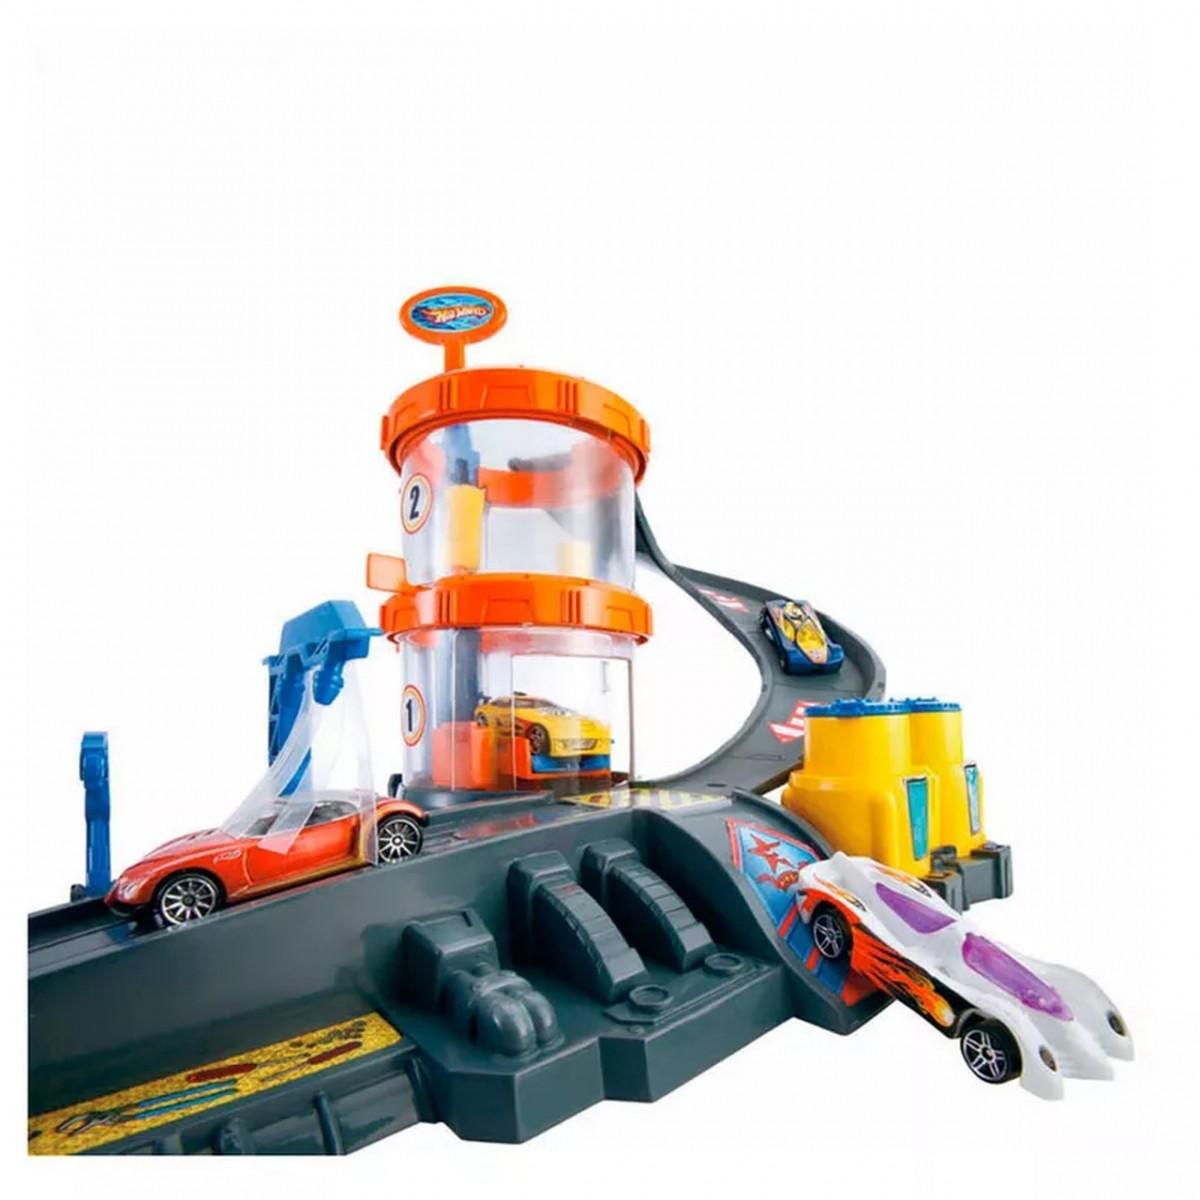 Conjunto de Pistas Hot Wheels Super Lava-Rápido com Veículo